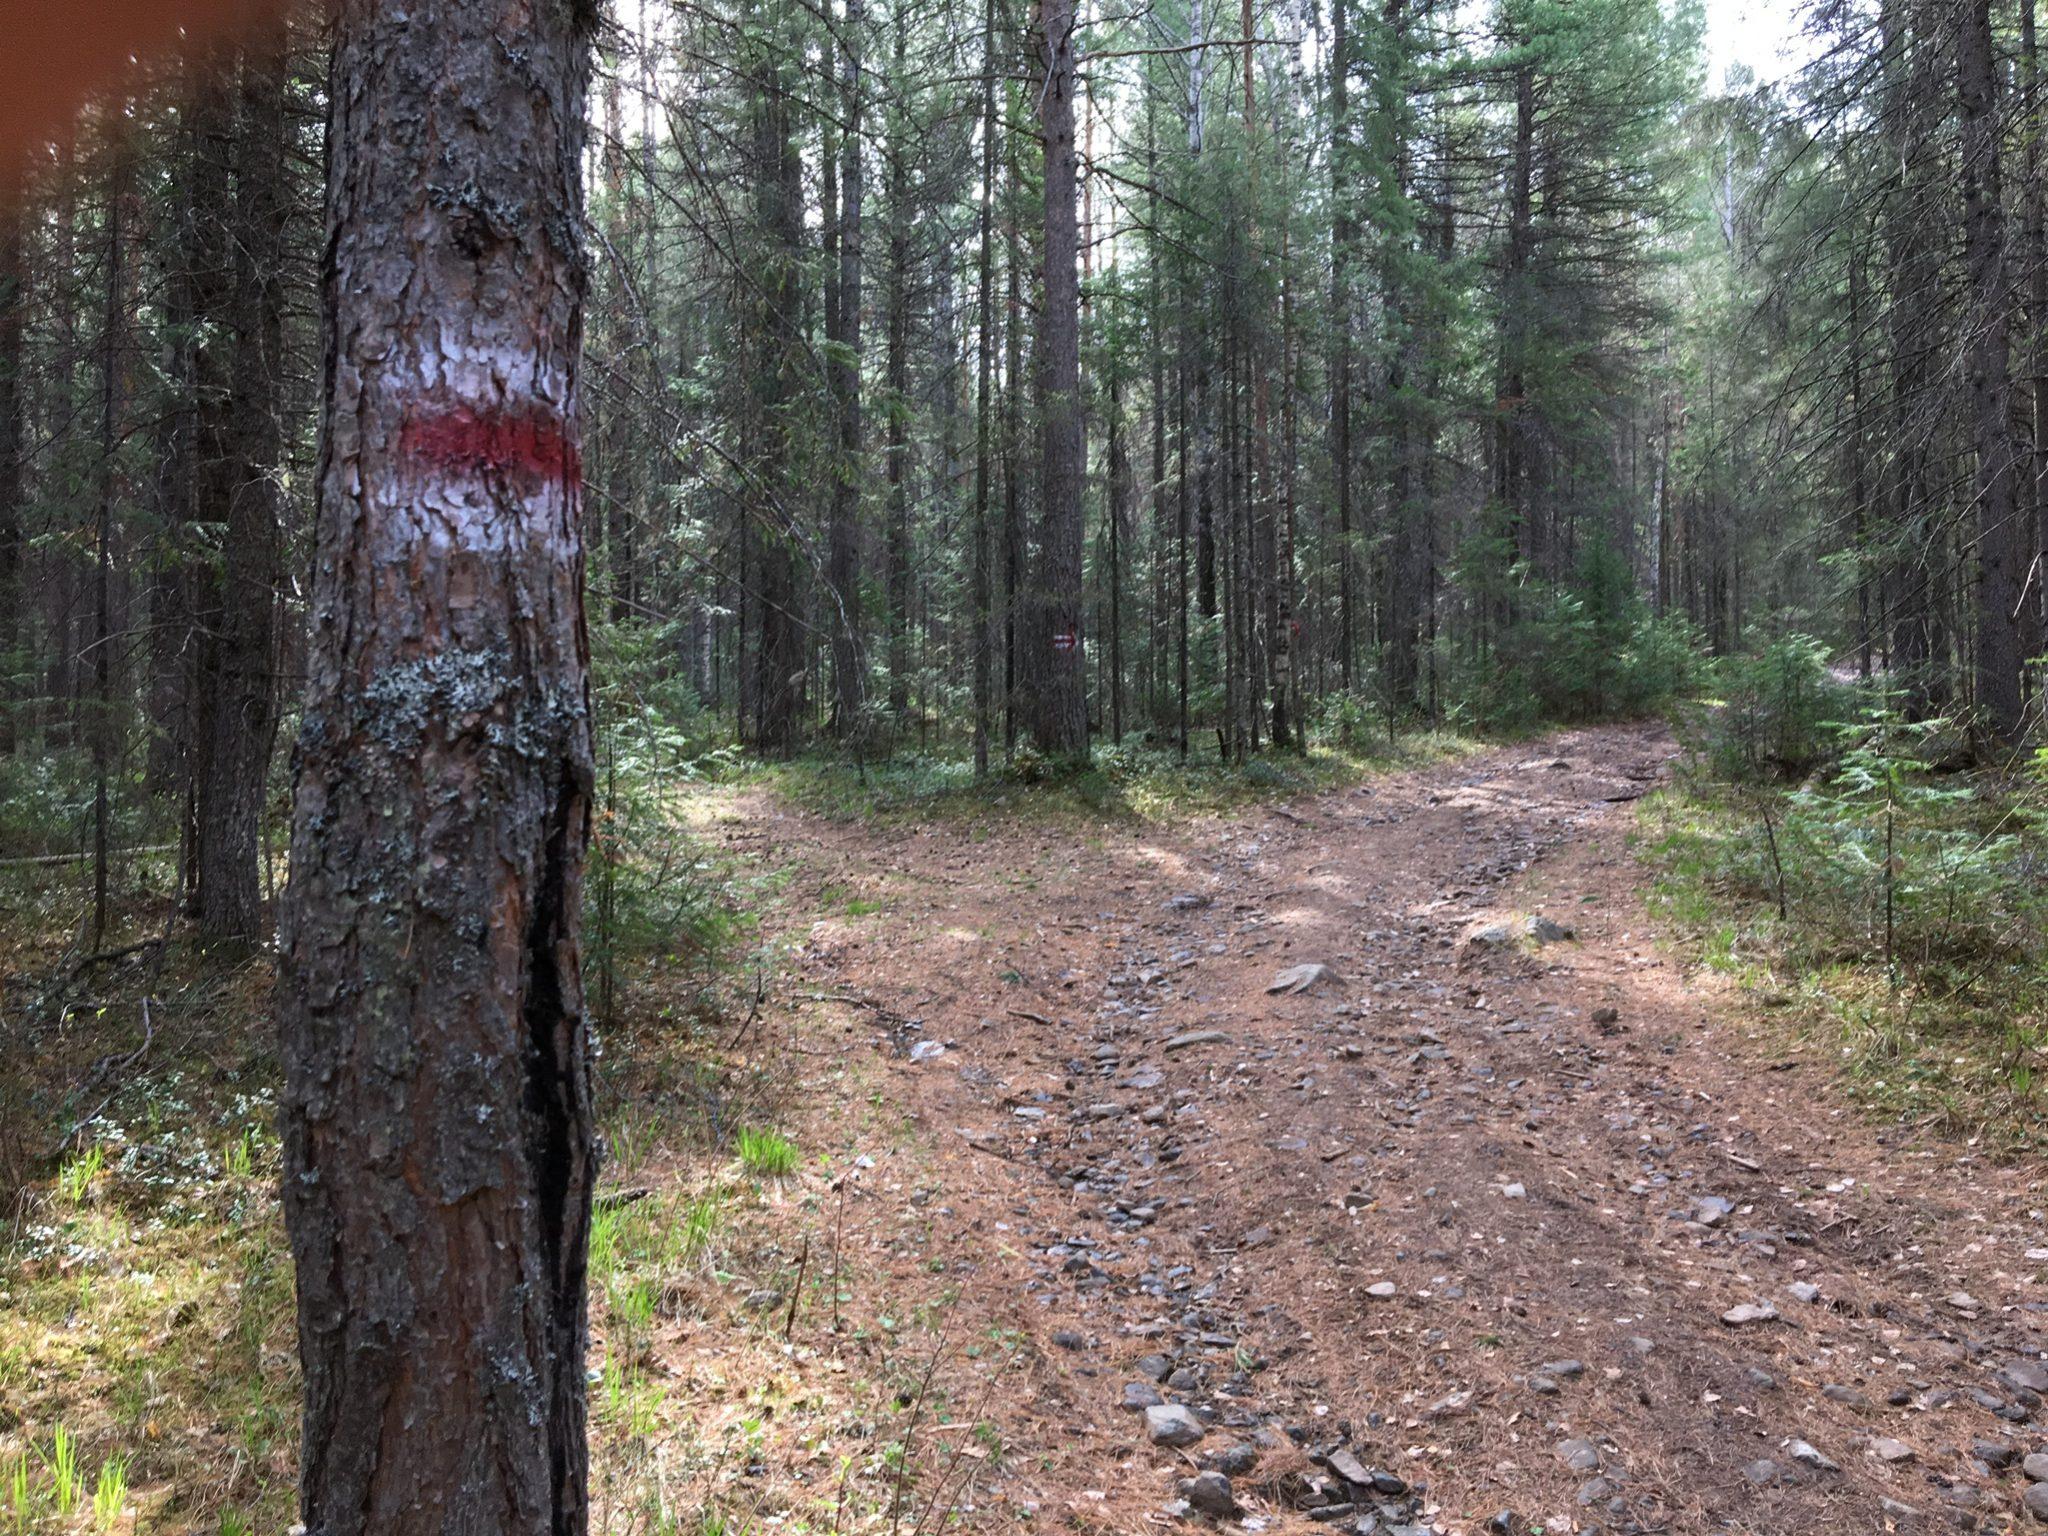 Качканар: попытка №1 промаркировать маршрут